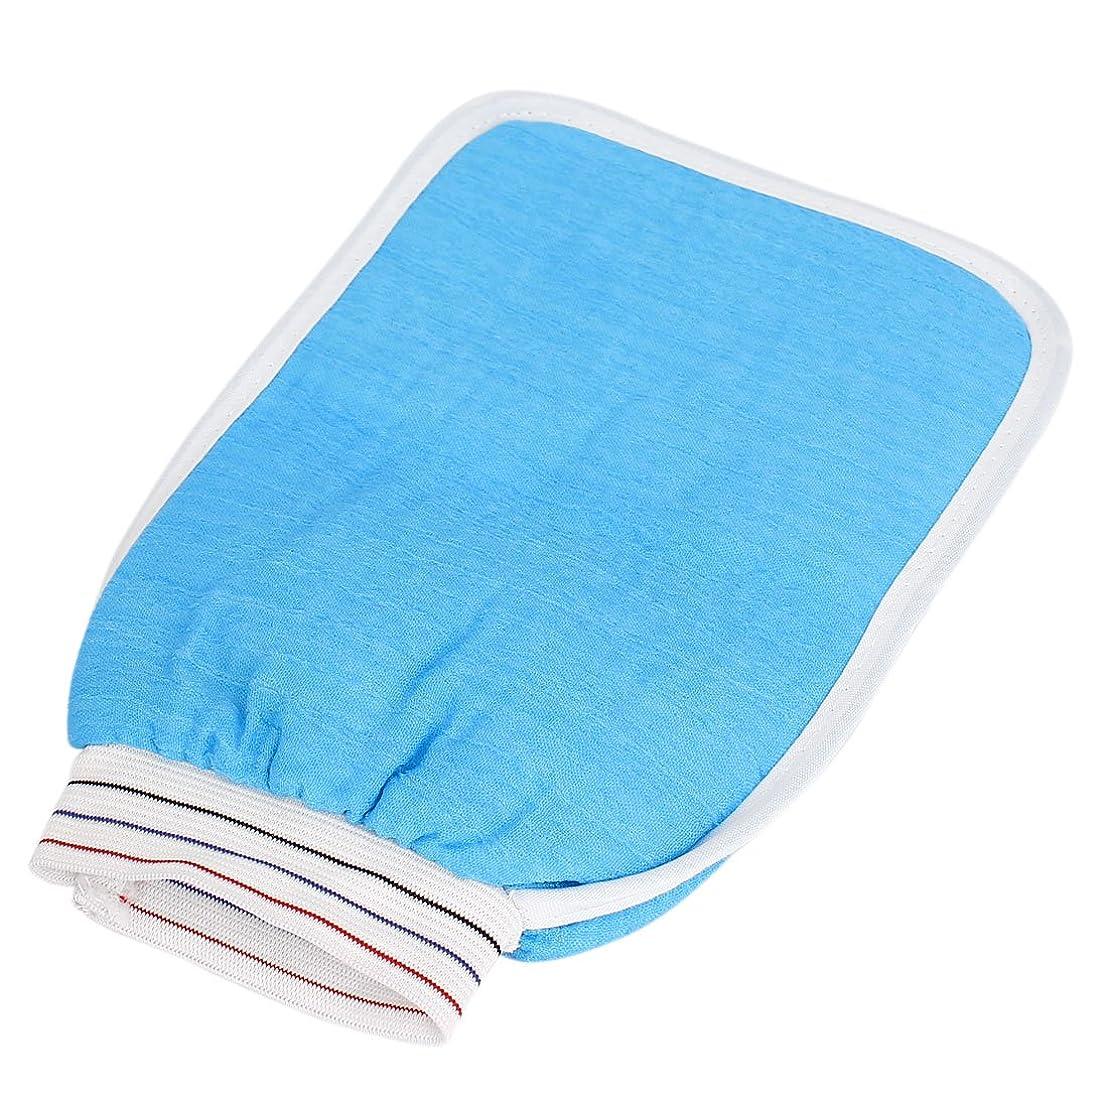 ベーカリージョガーしかしuxcell マッサージ手袋 バスルーム 弾性カフ ダブルサイド シャワー バス 洗濯マッサージグローブ スクラバー ブルー